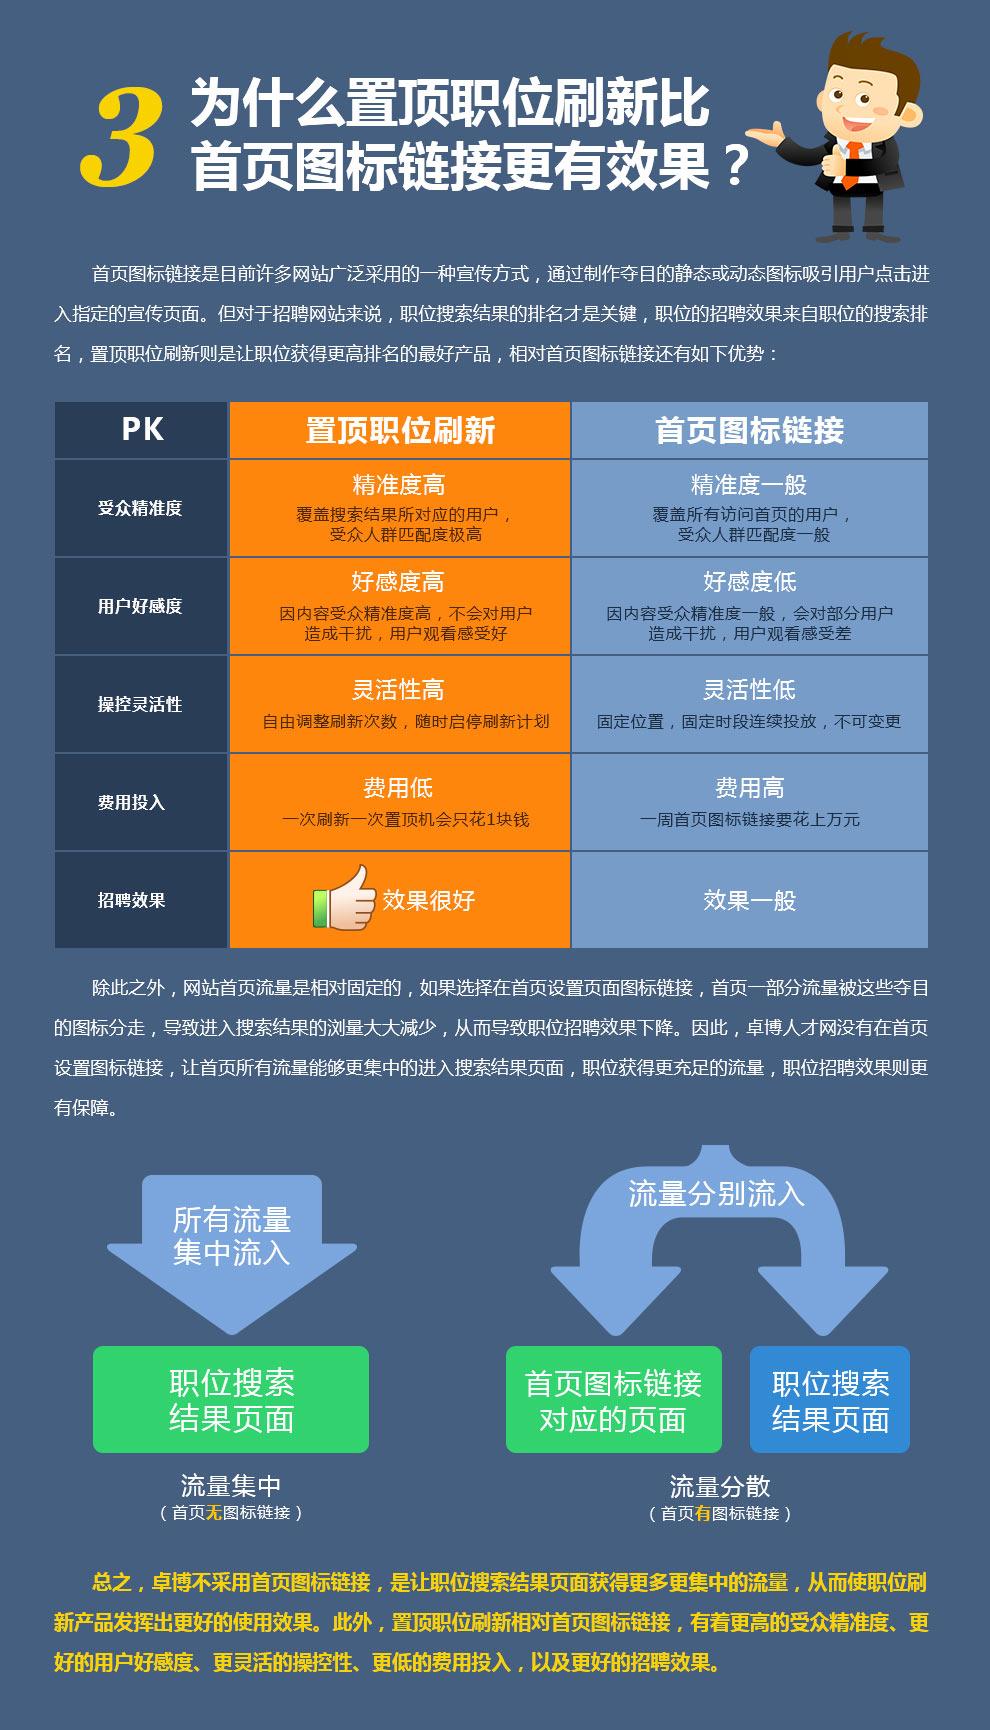 職位刷新PK首頁圖標連結